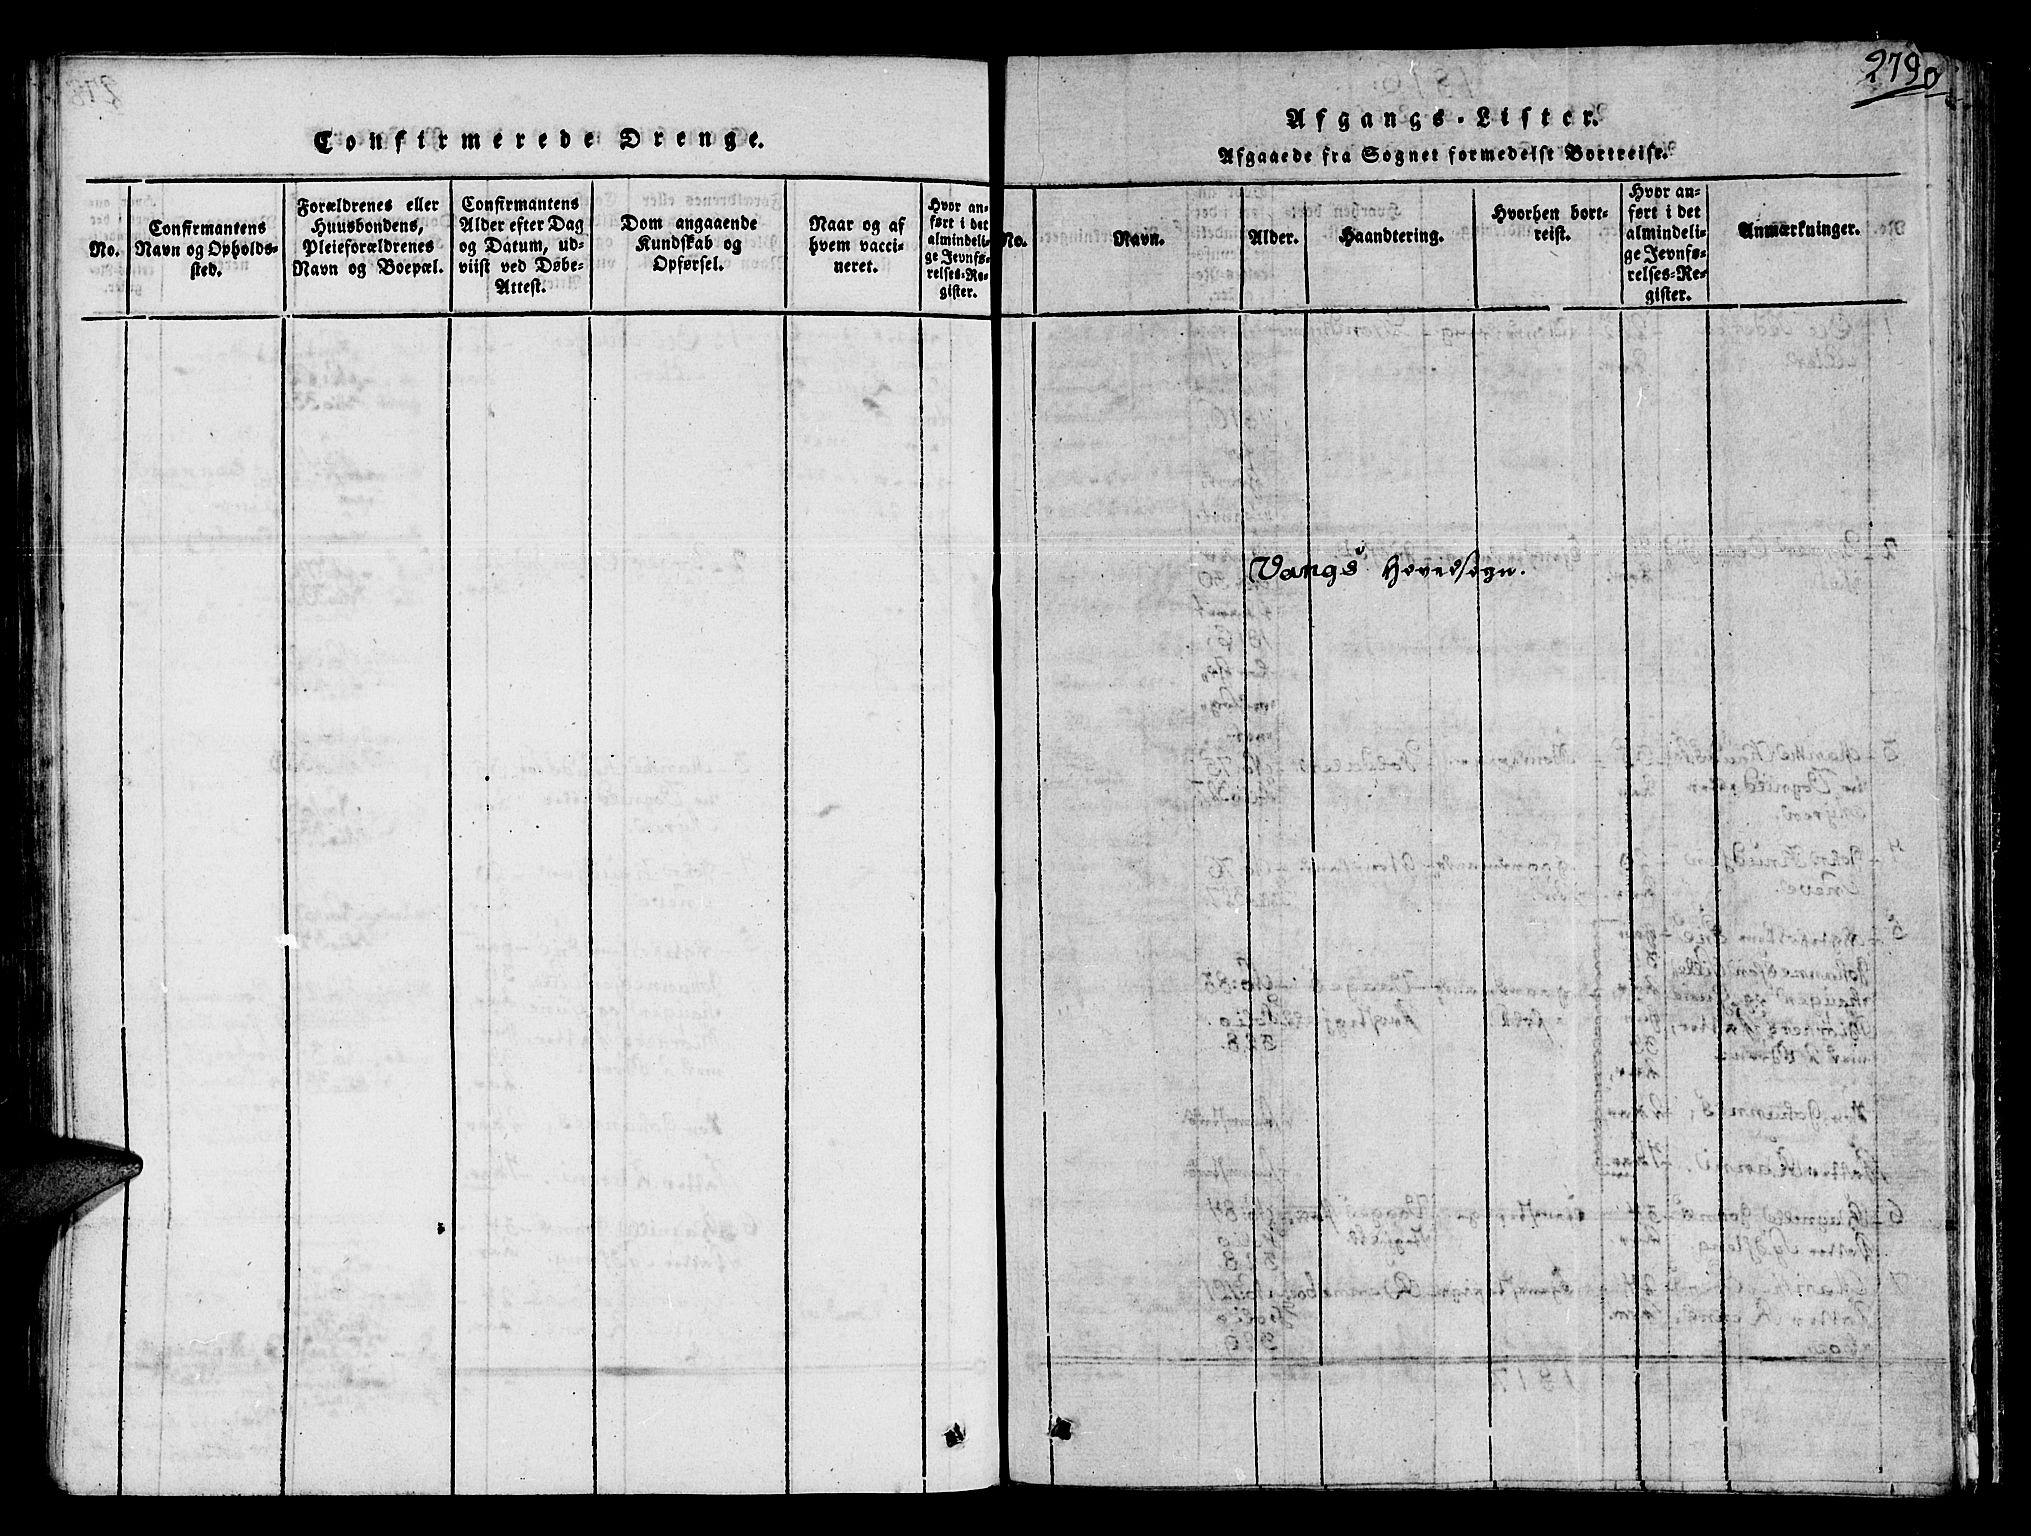 SAT, Ministerialprotokoller, klokkerbøker og fødselsregistre - Sør-Trøndelag, 678/L0895: Ministerialbok nr. 678A05 /1, 1816-1821, s. 279